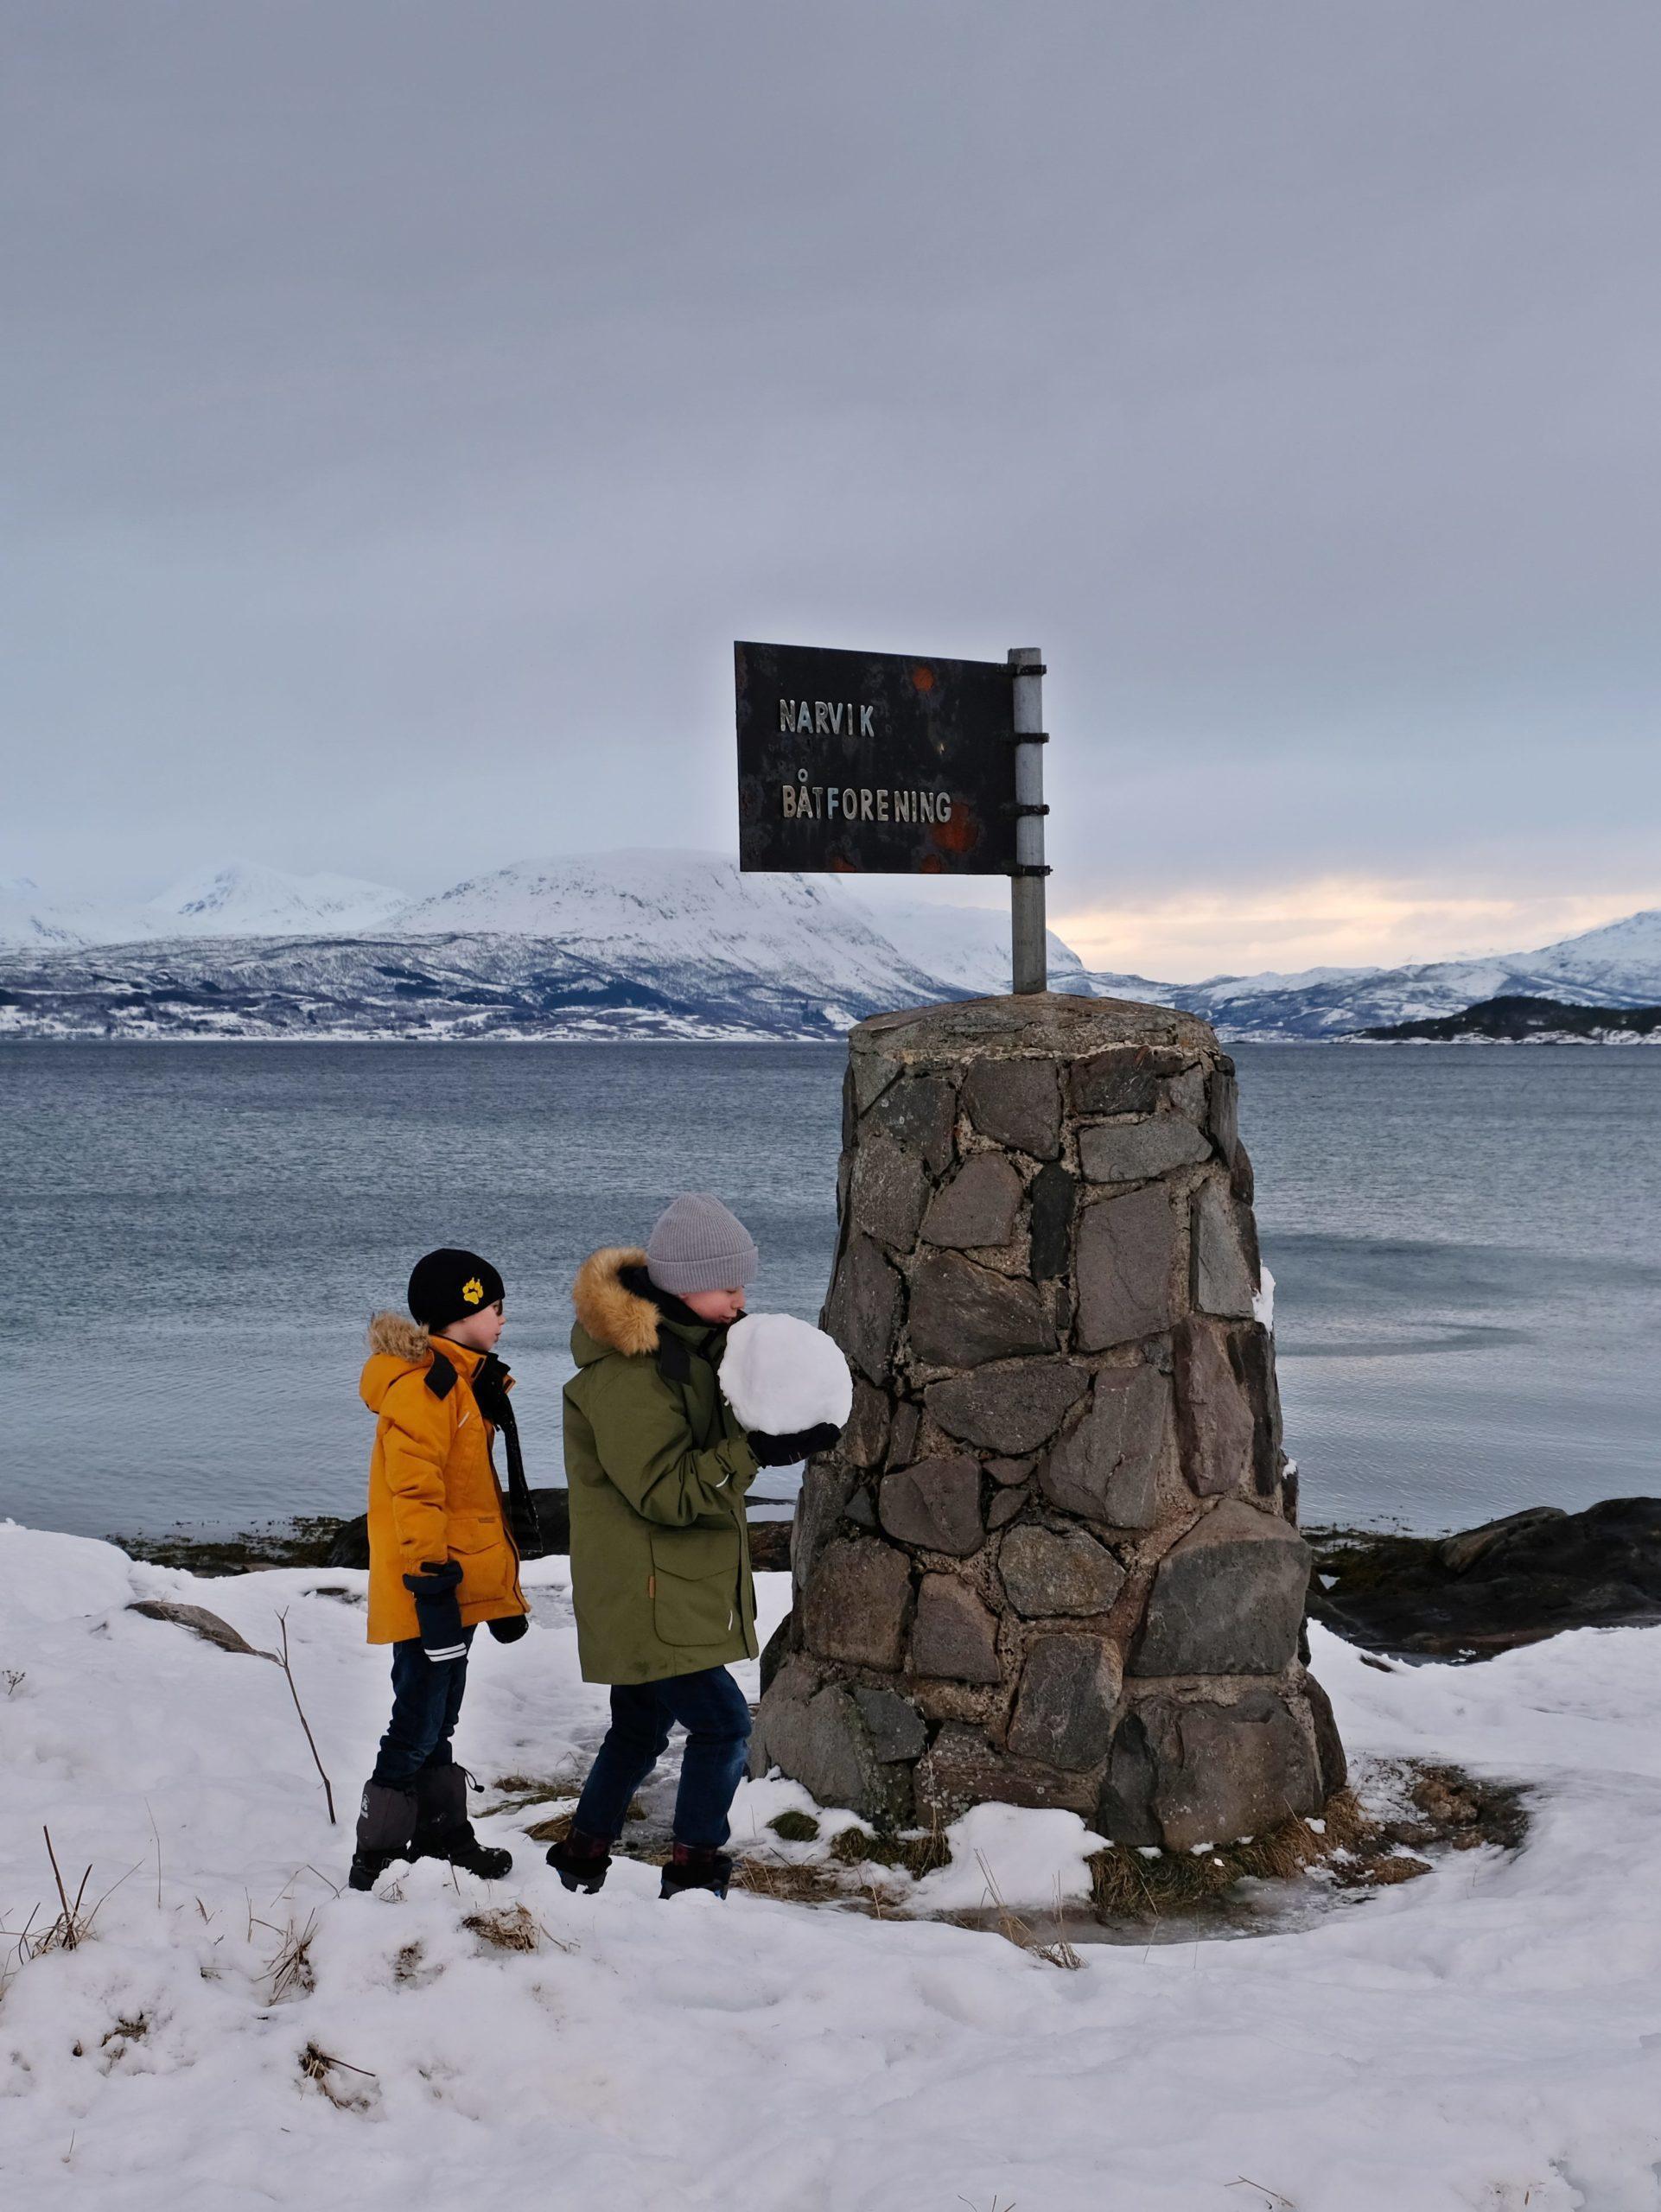 Zwei Kinder vor Meer auf Schnee